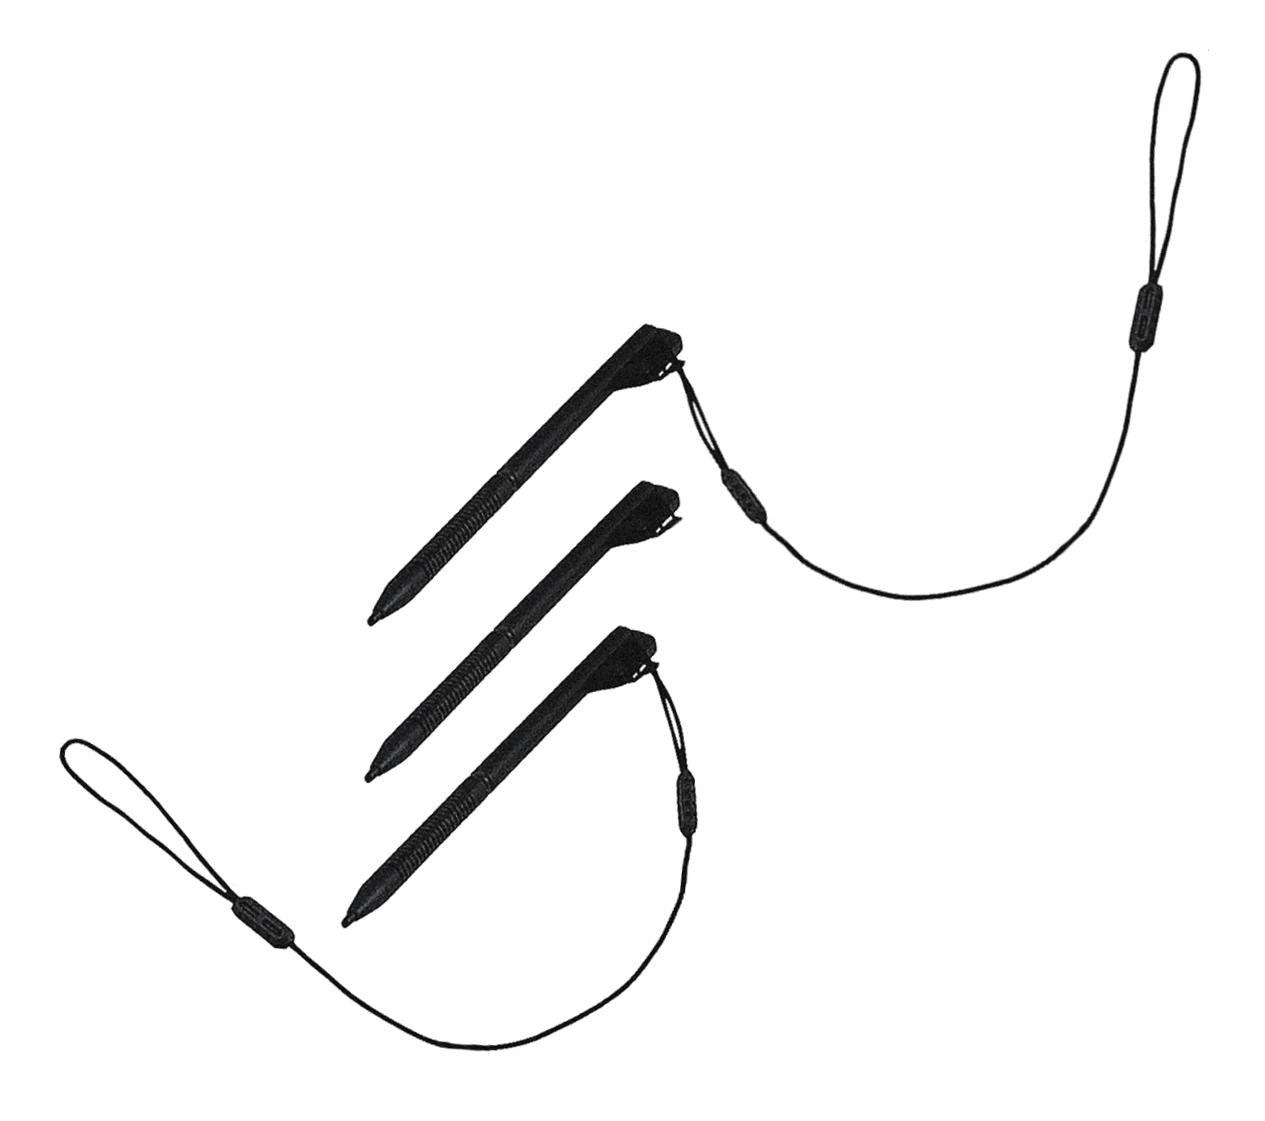 Dolphin 99EX/99GX styluskit w/ tethers - 3 pack